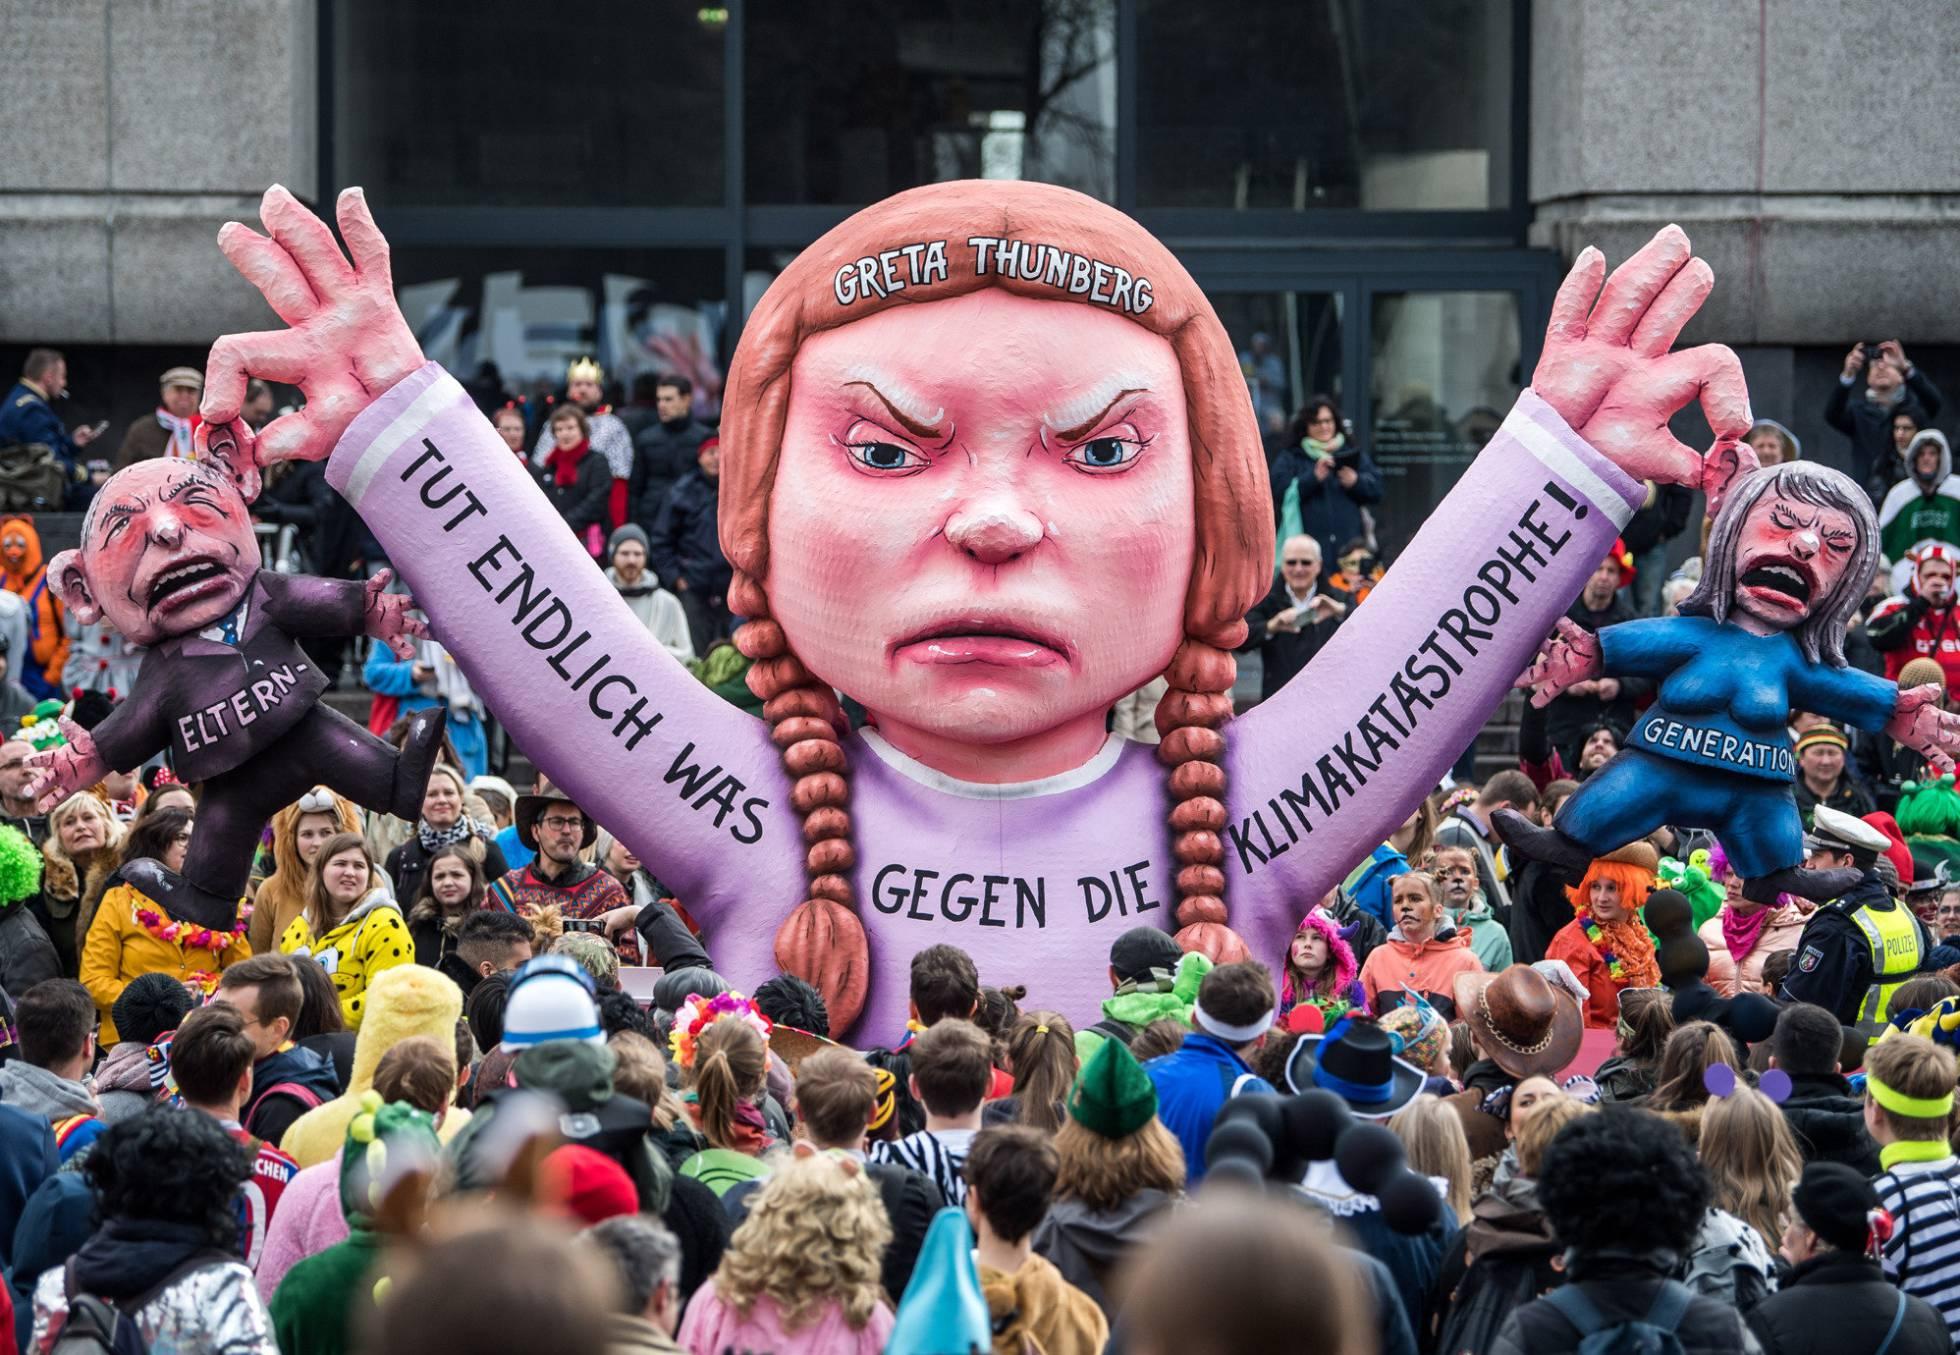 Comunicado de 12.000 científicos: «Los jóvenes tienen razón» (El País)